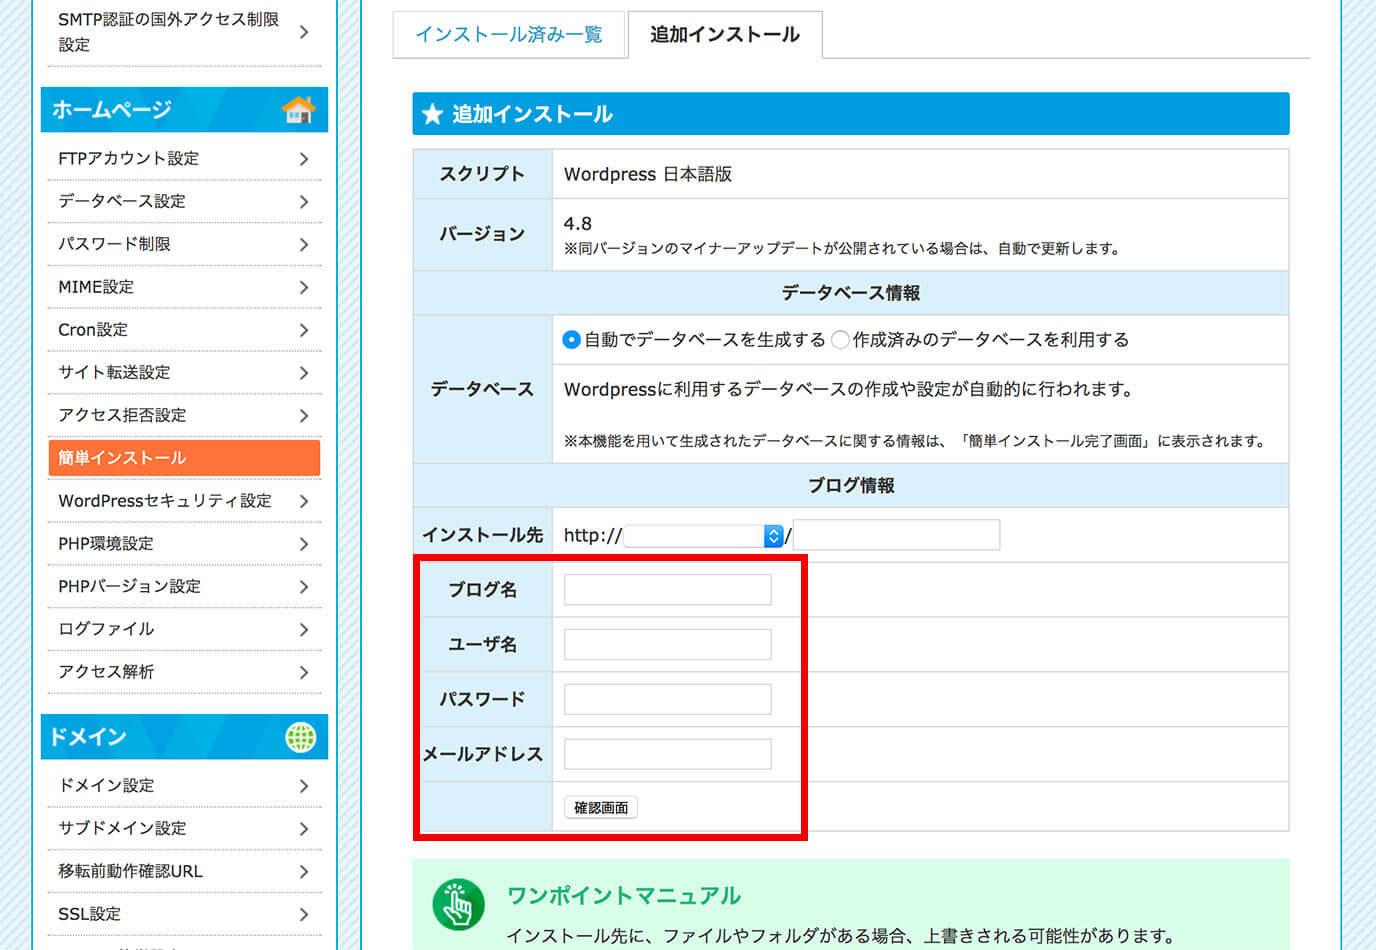 6.ブログ名、WordPressに使用するユーザー名、パスワード、メールアドレスを入力し「確認画面」をクリックします